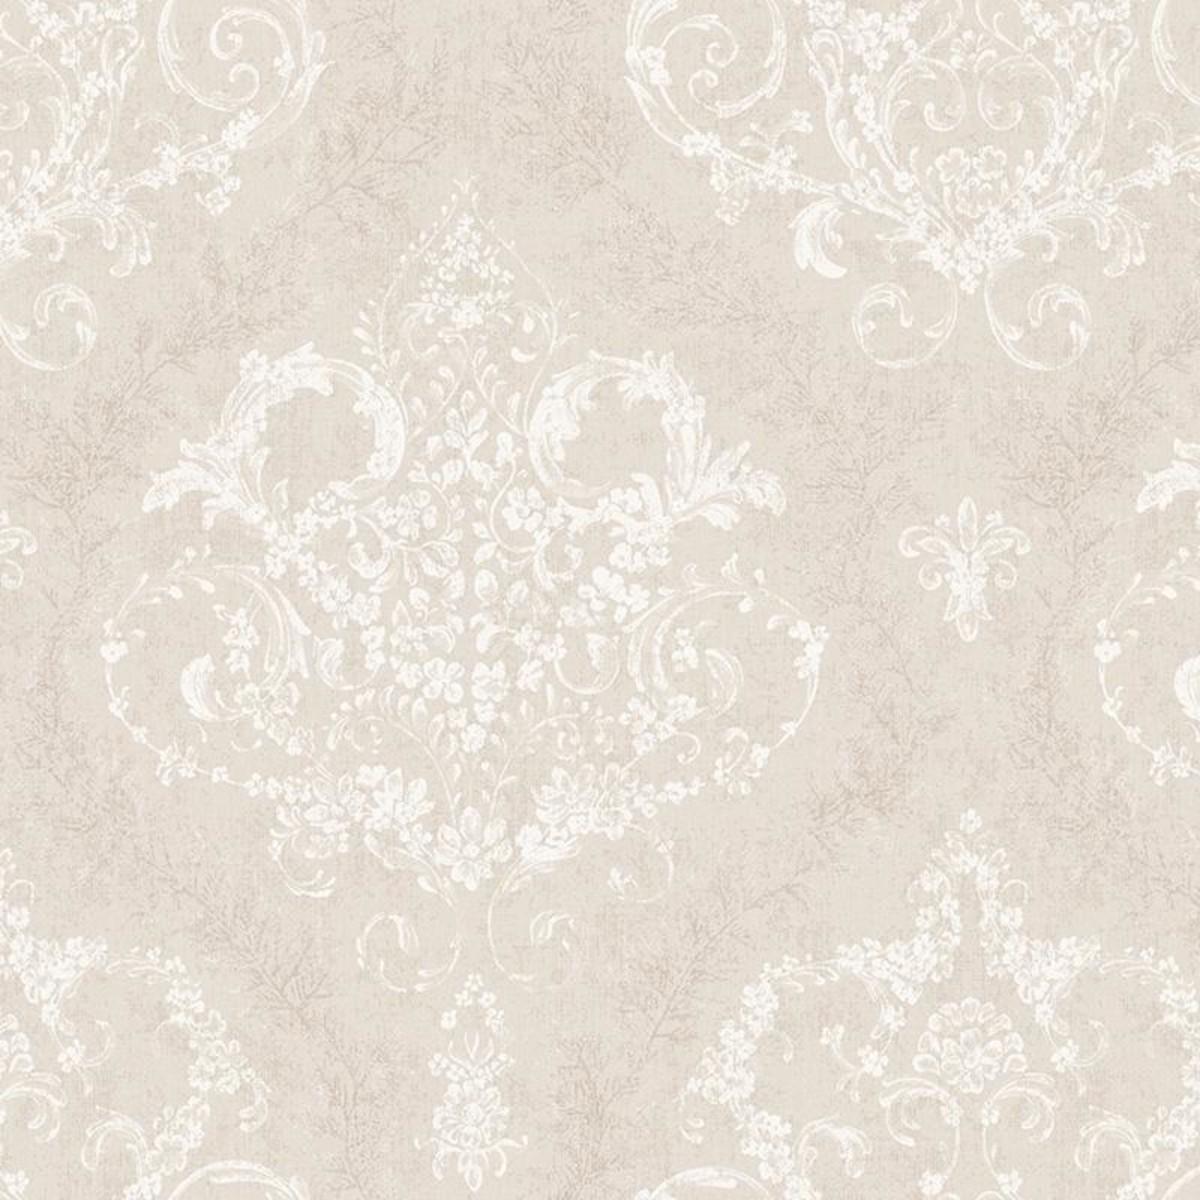 Обои флизелиновые Мир Романс серые 45-323-04 1.06 м